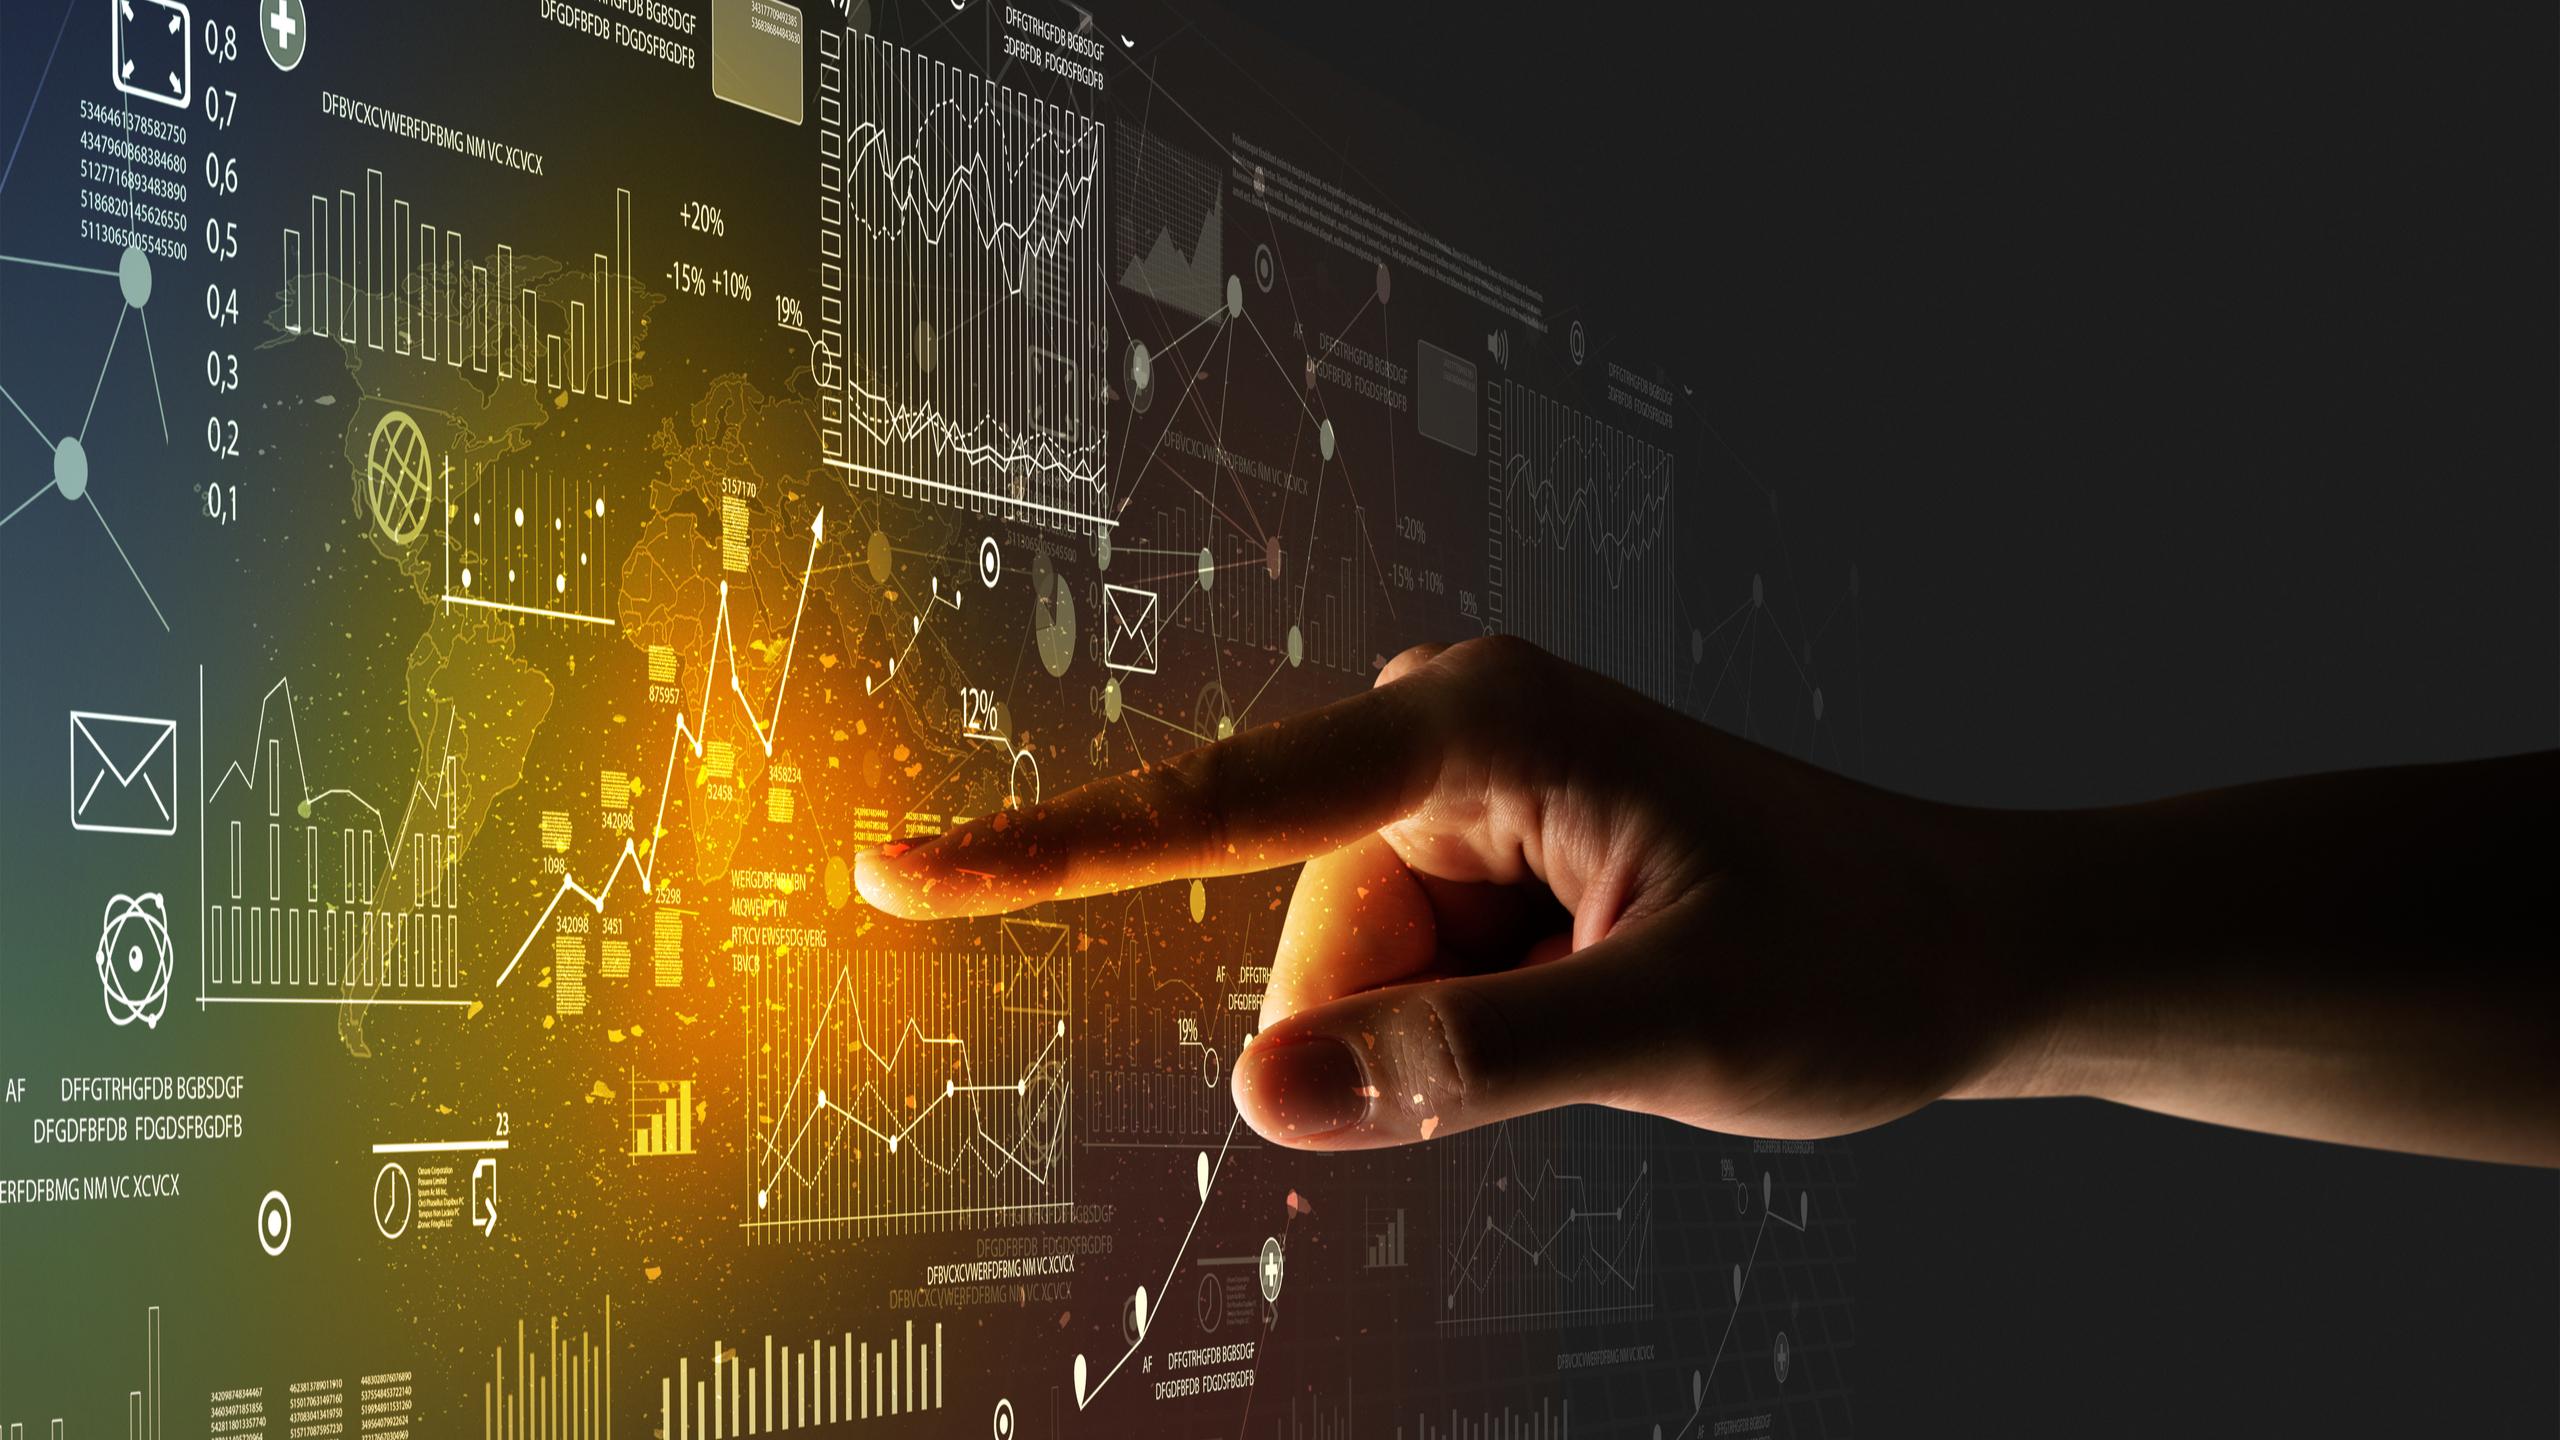 Аналіз даних для бізнесу